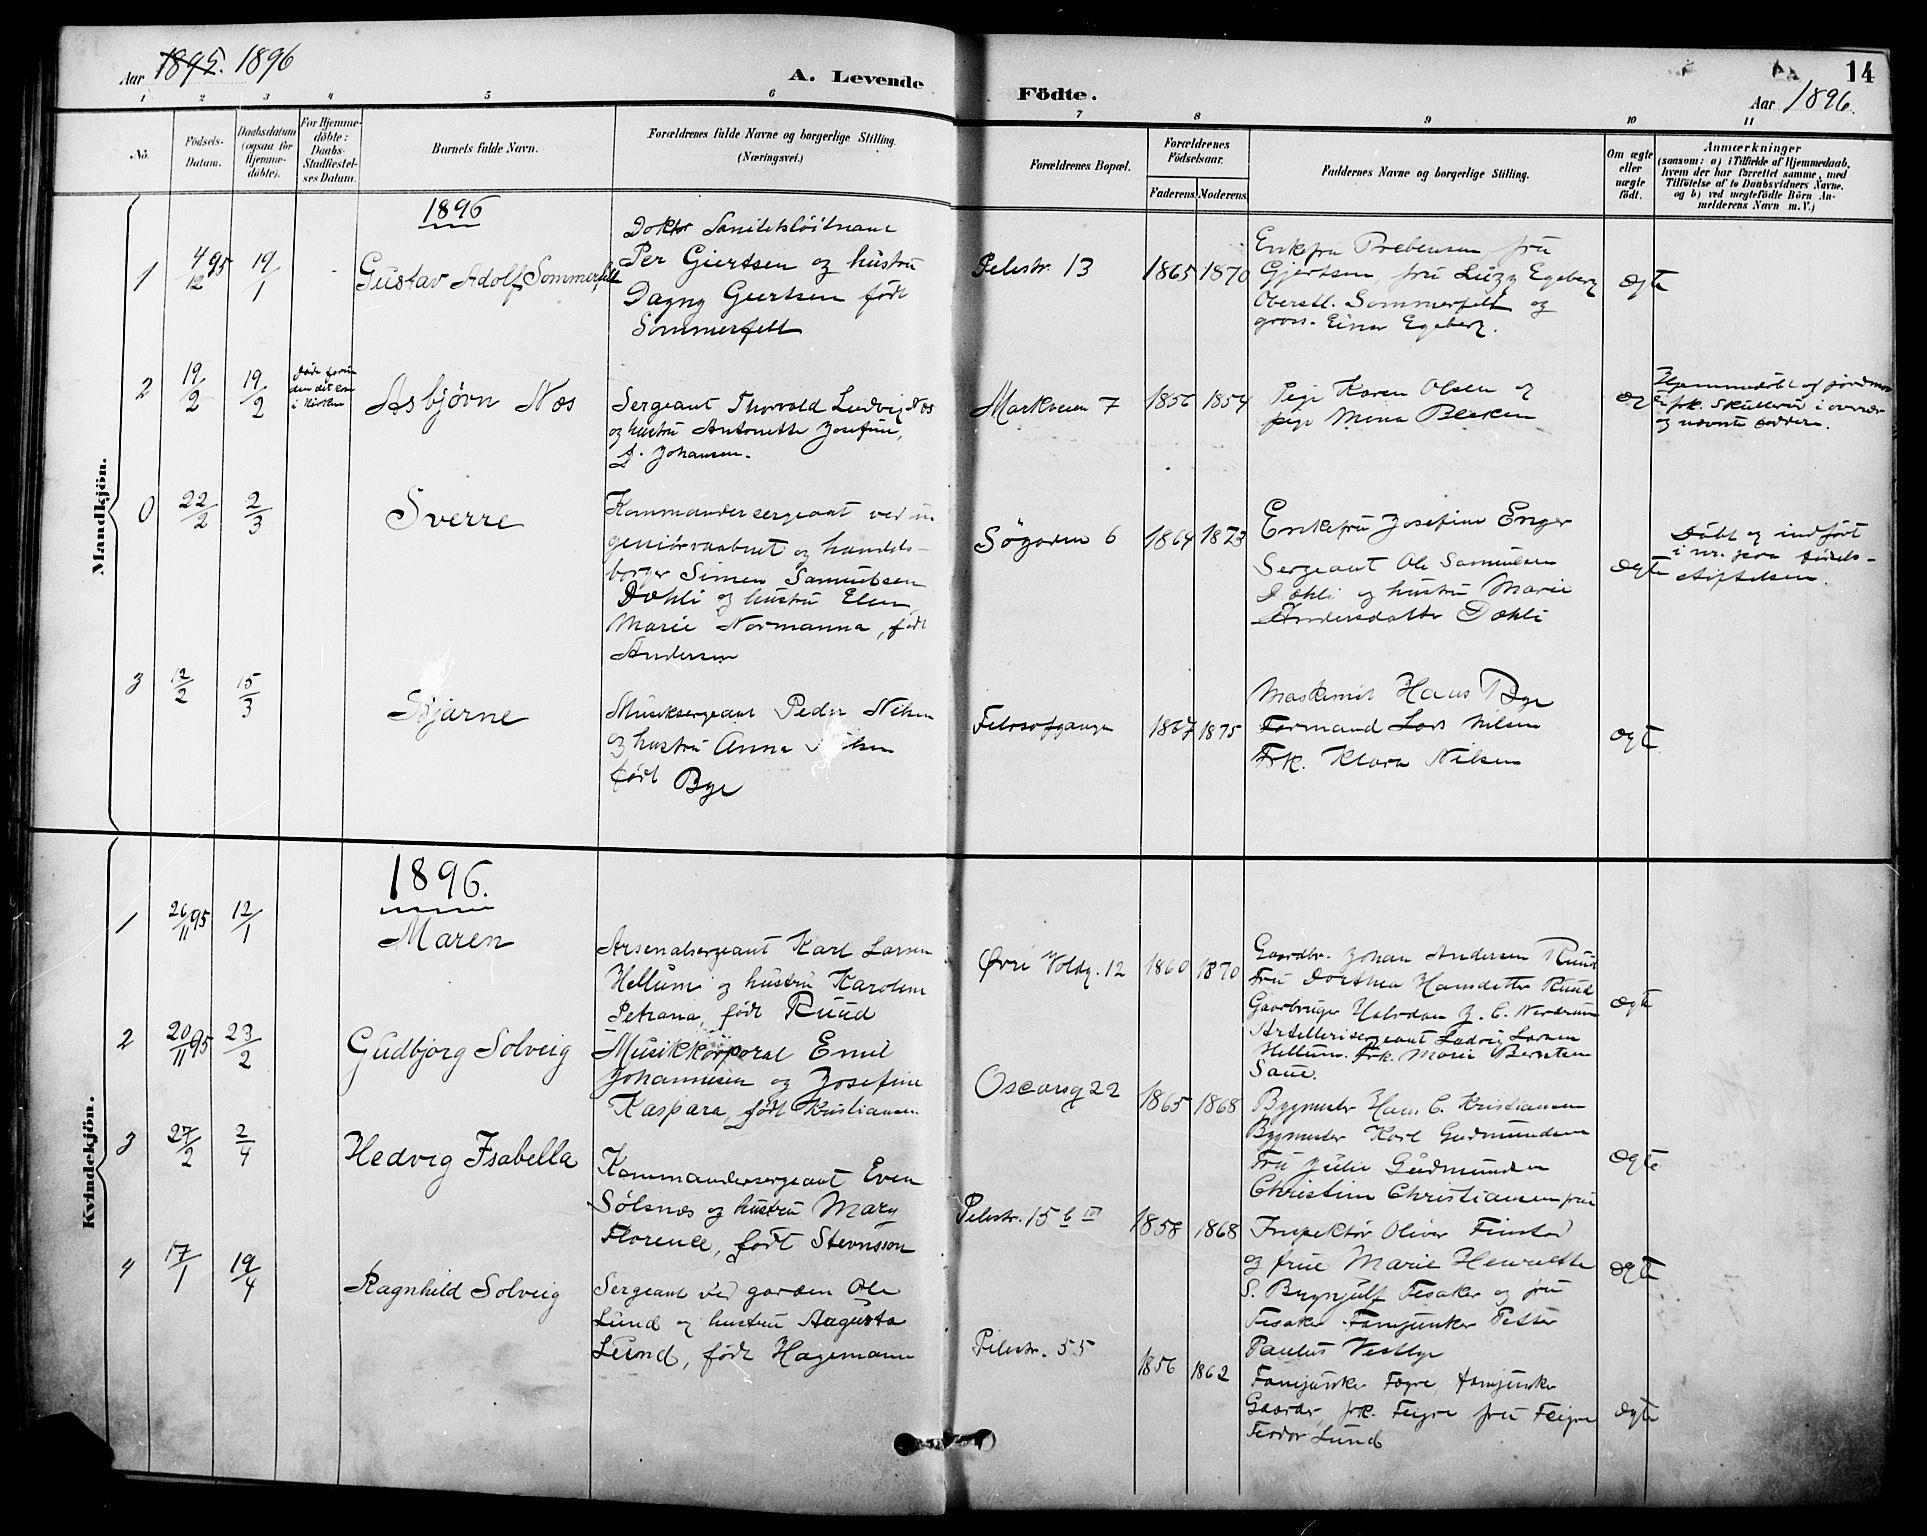 SAO, Garnisonsmenigheten Kirkebøker, F/Fa/L0013: Parish register (official) no. 13, 1894-1904, p. 14